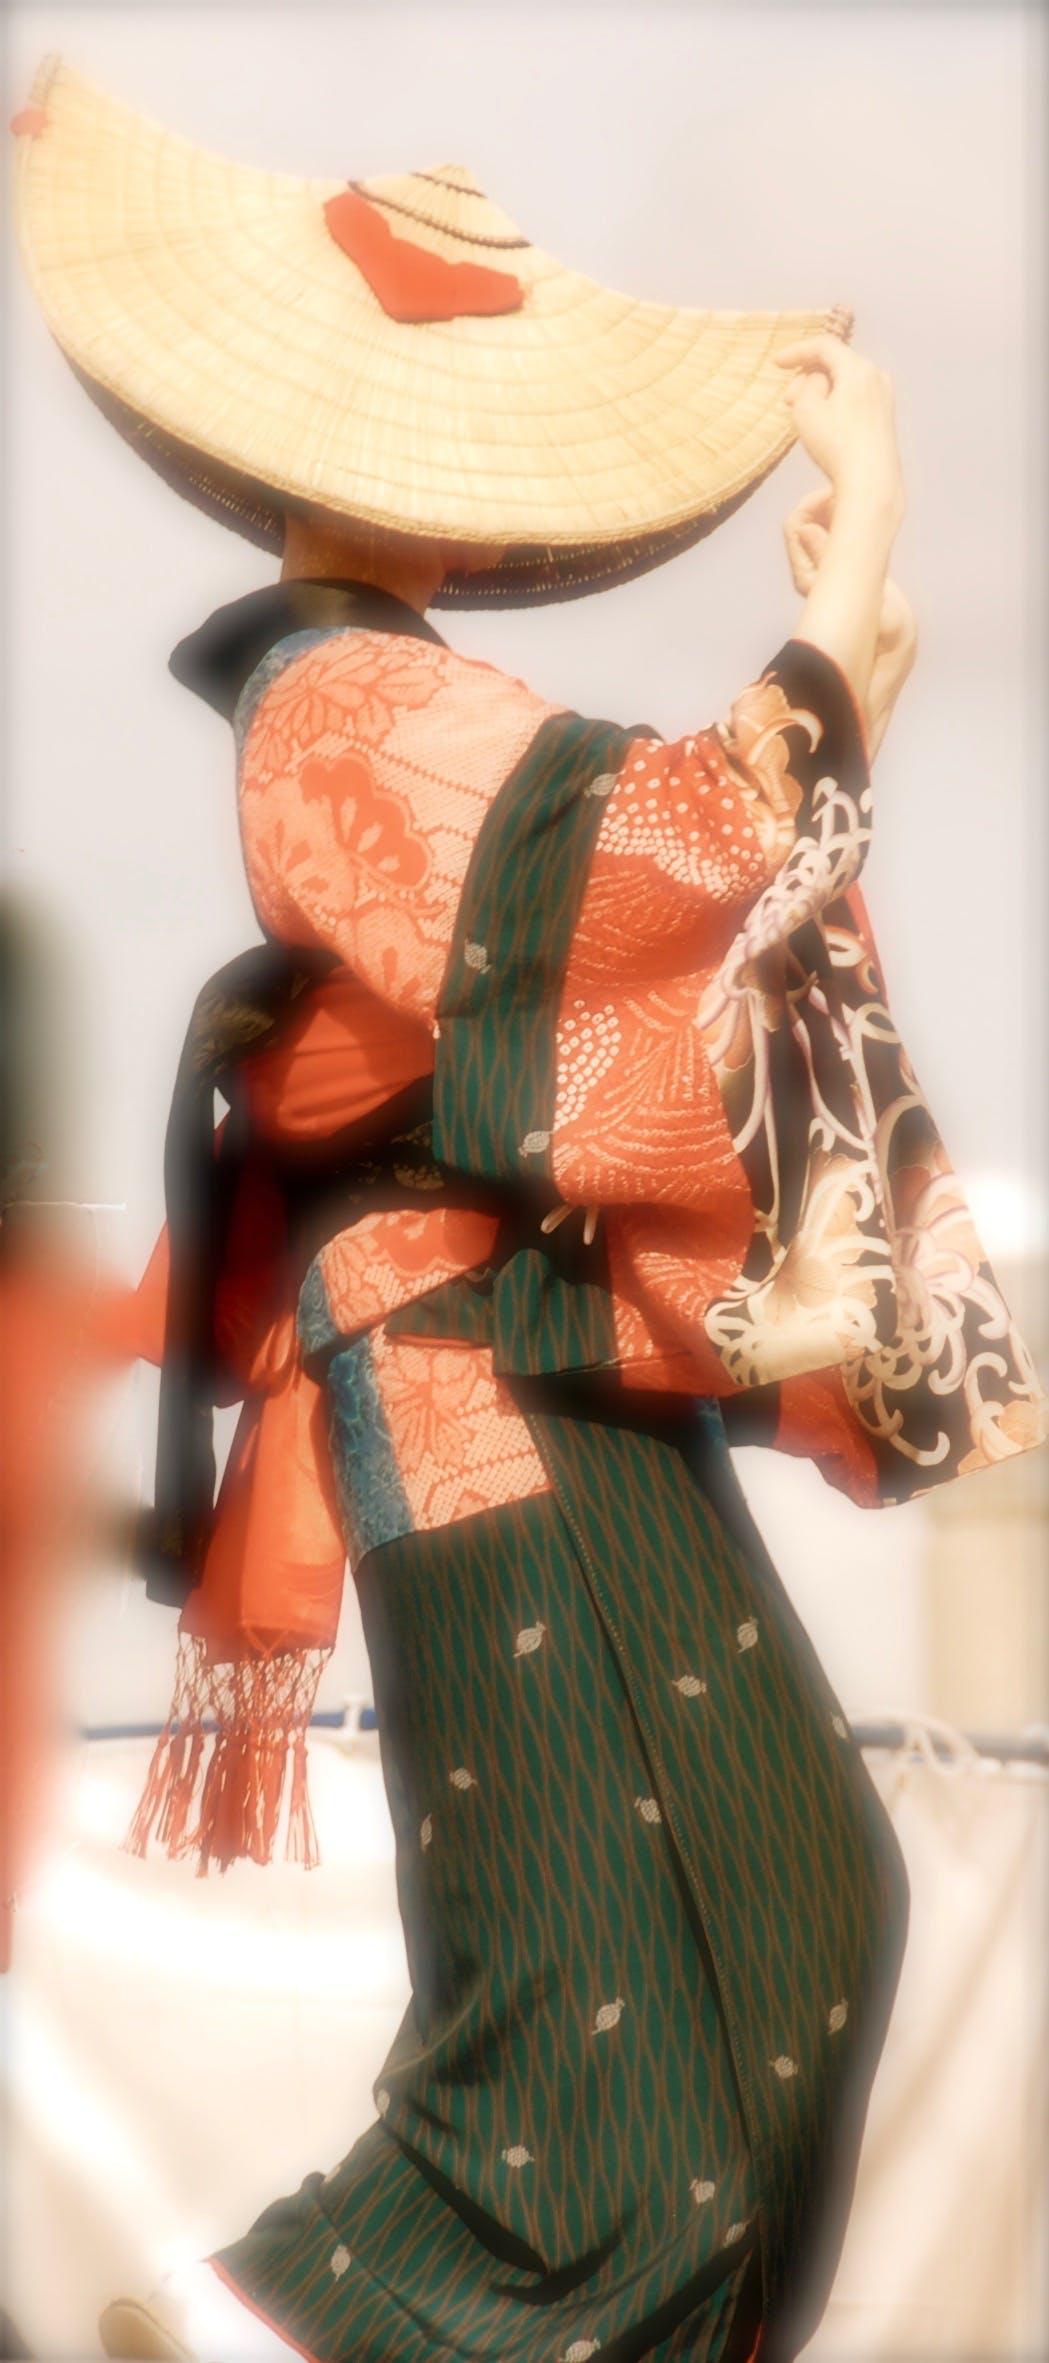 Δωρεάν στοκ φωτογραφιών με γιαπωνέζικη κουλτούρα, Ιαπωνία, φαντάσου χορεύτρια, χορεύτρια